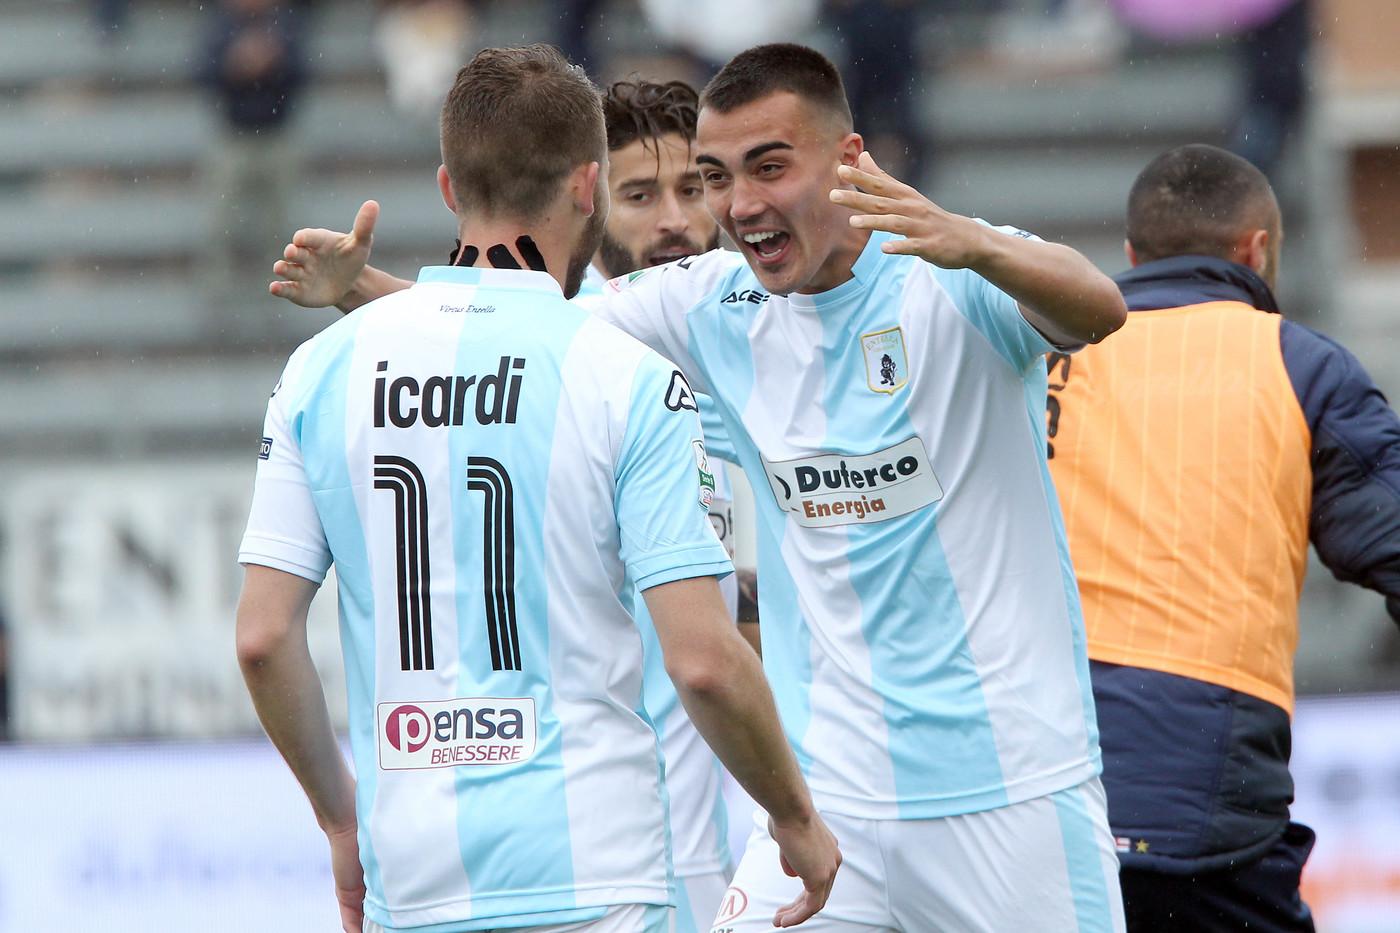 Entella-Pistoiese 20 febbraio: match valido per il gruppo A della Serie C. I padroni di casa partono favoriti per i 3 punti in palio.